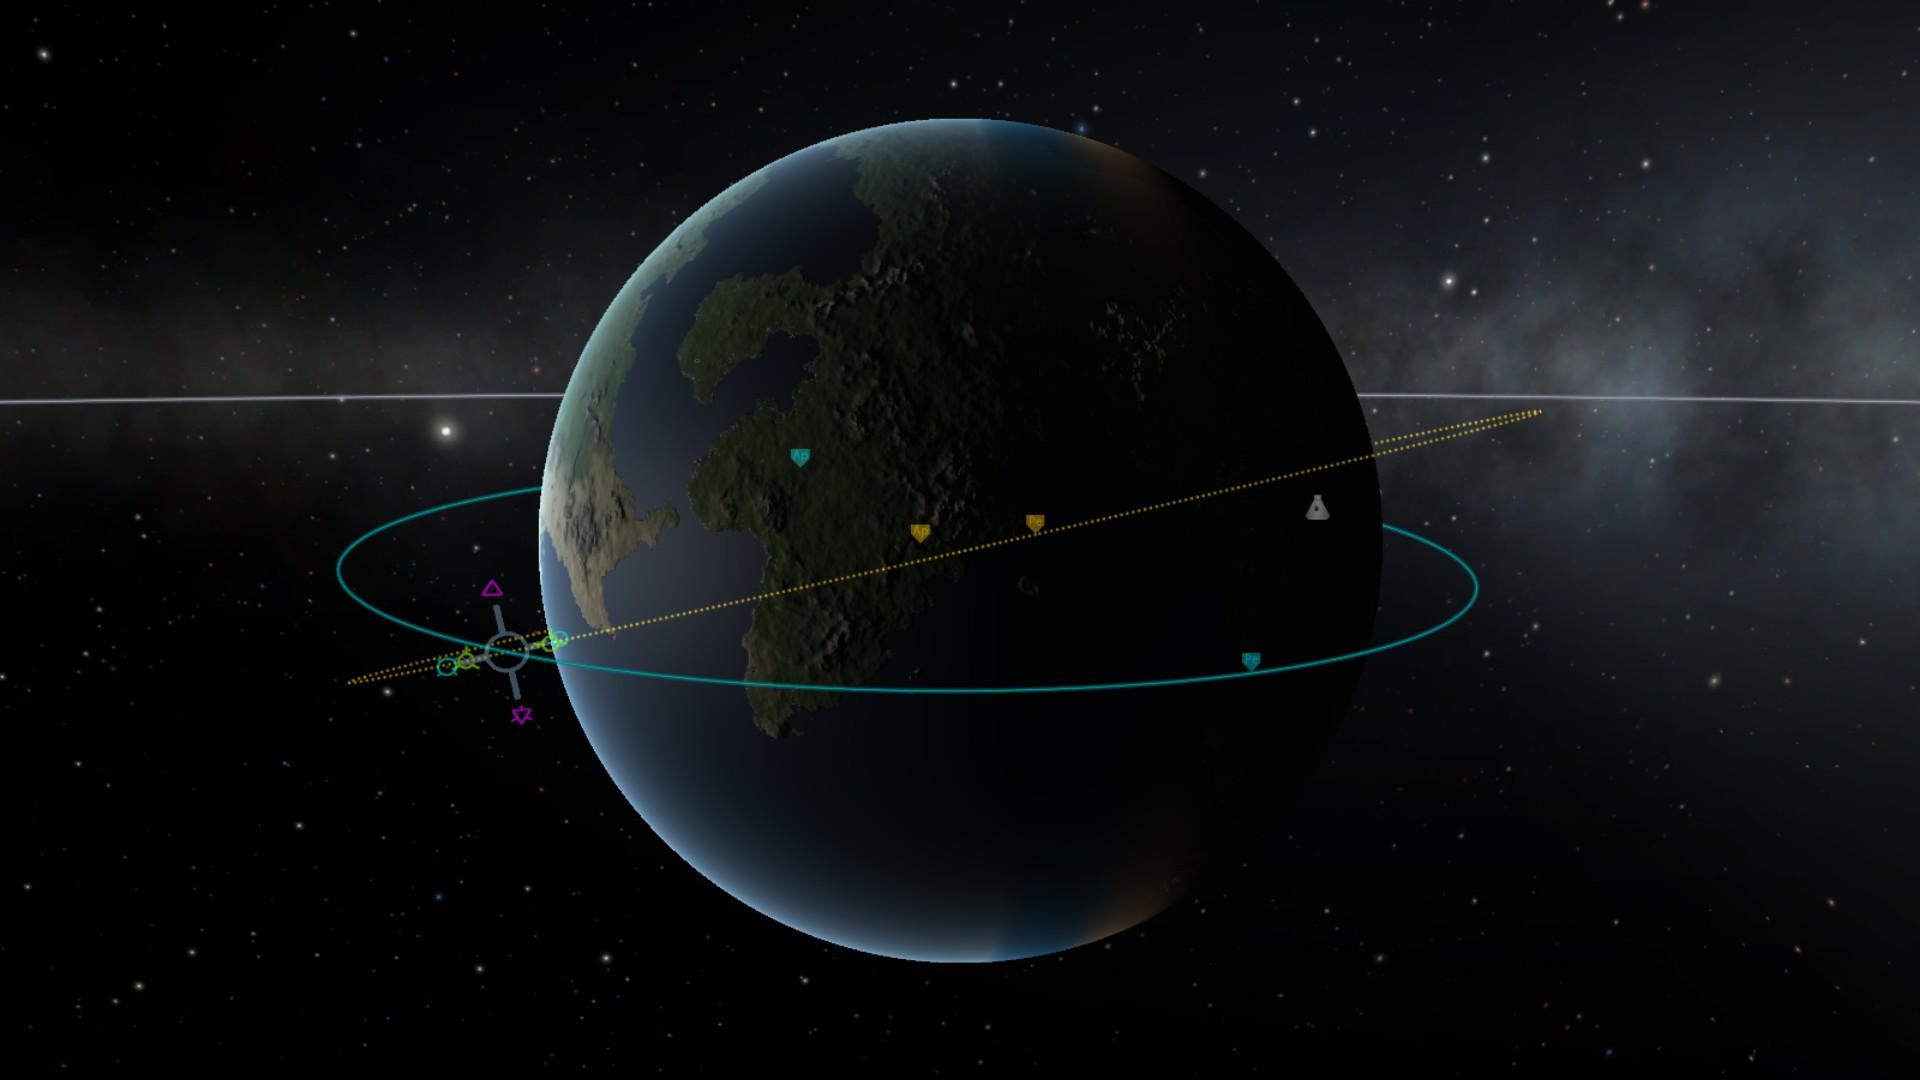 پاورپوینت درس مکانیک مدارهای فضایی